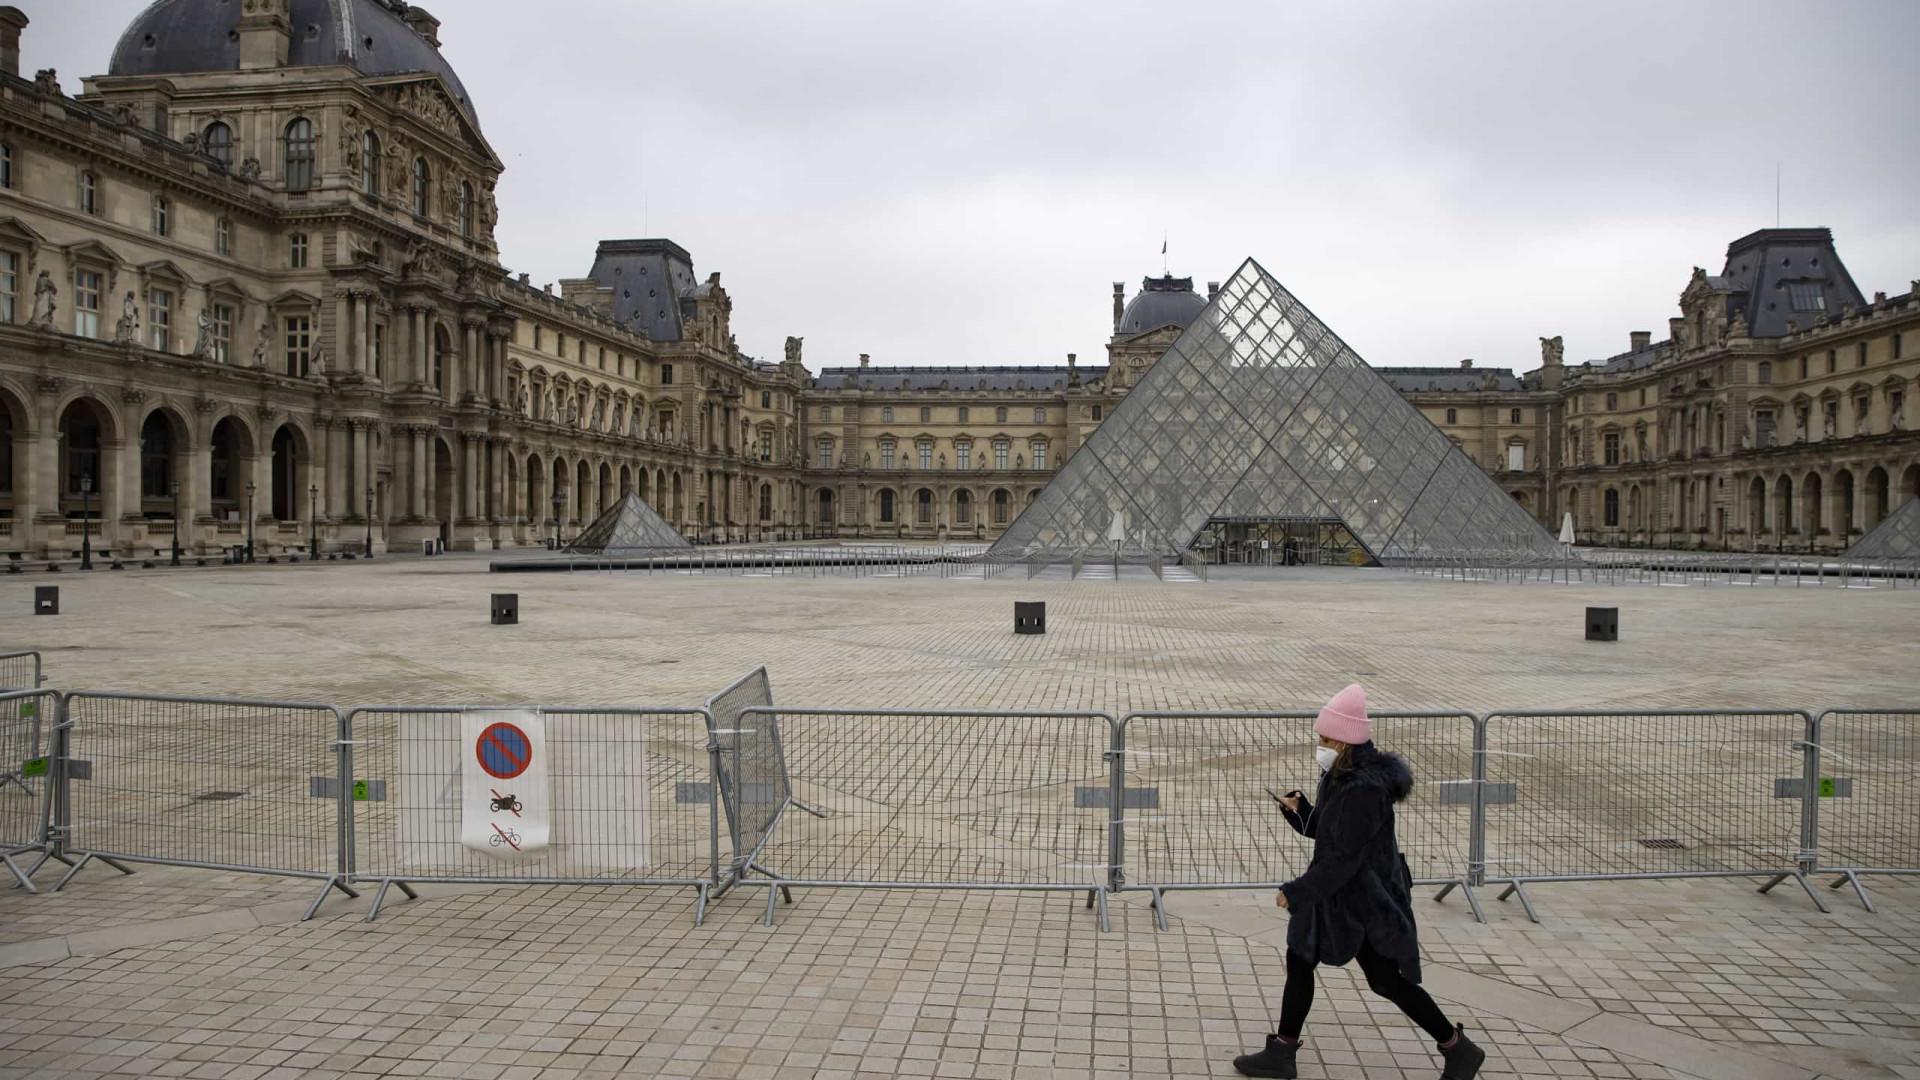 Museu do Louvre com queda de 72% de visitantes em 2020 devido á pandemia